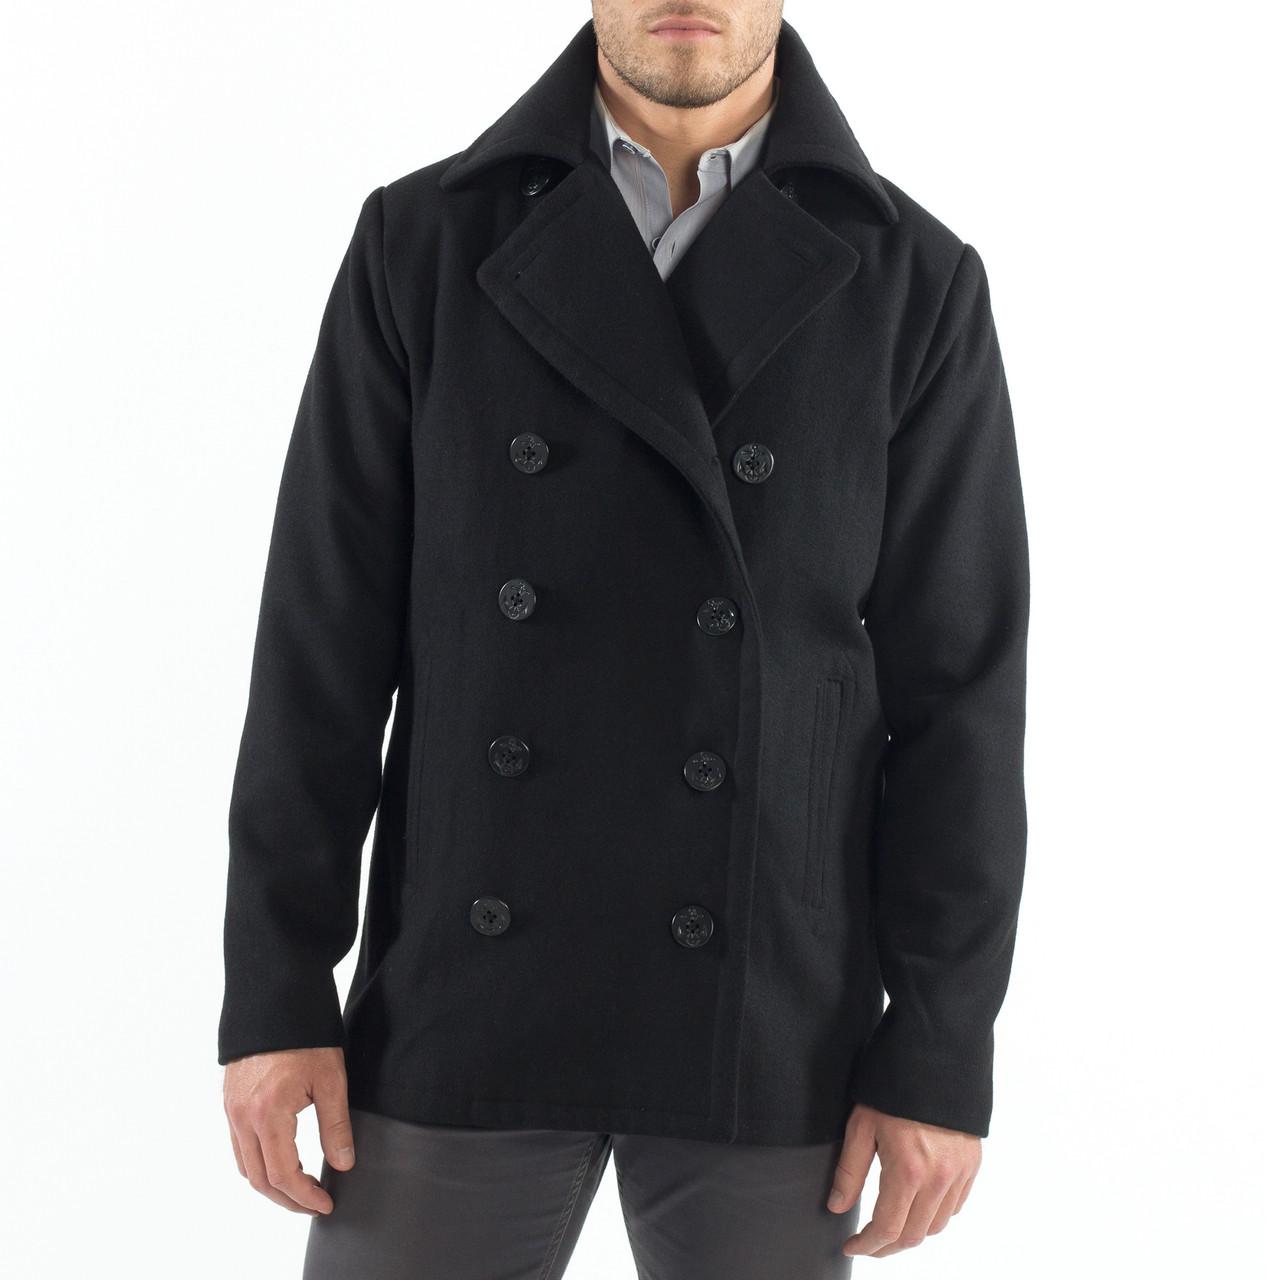 classic men's pea coat